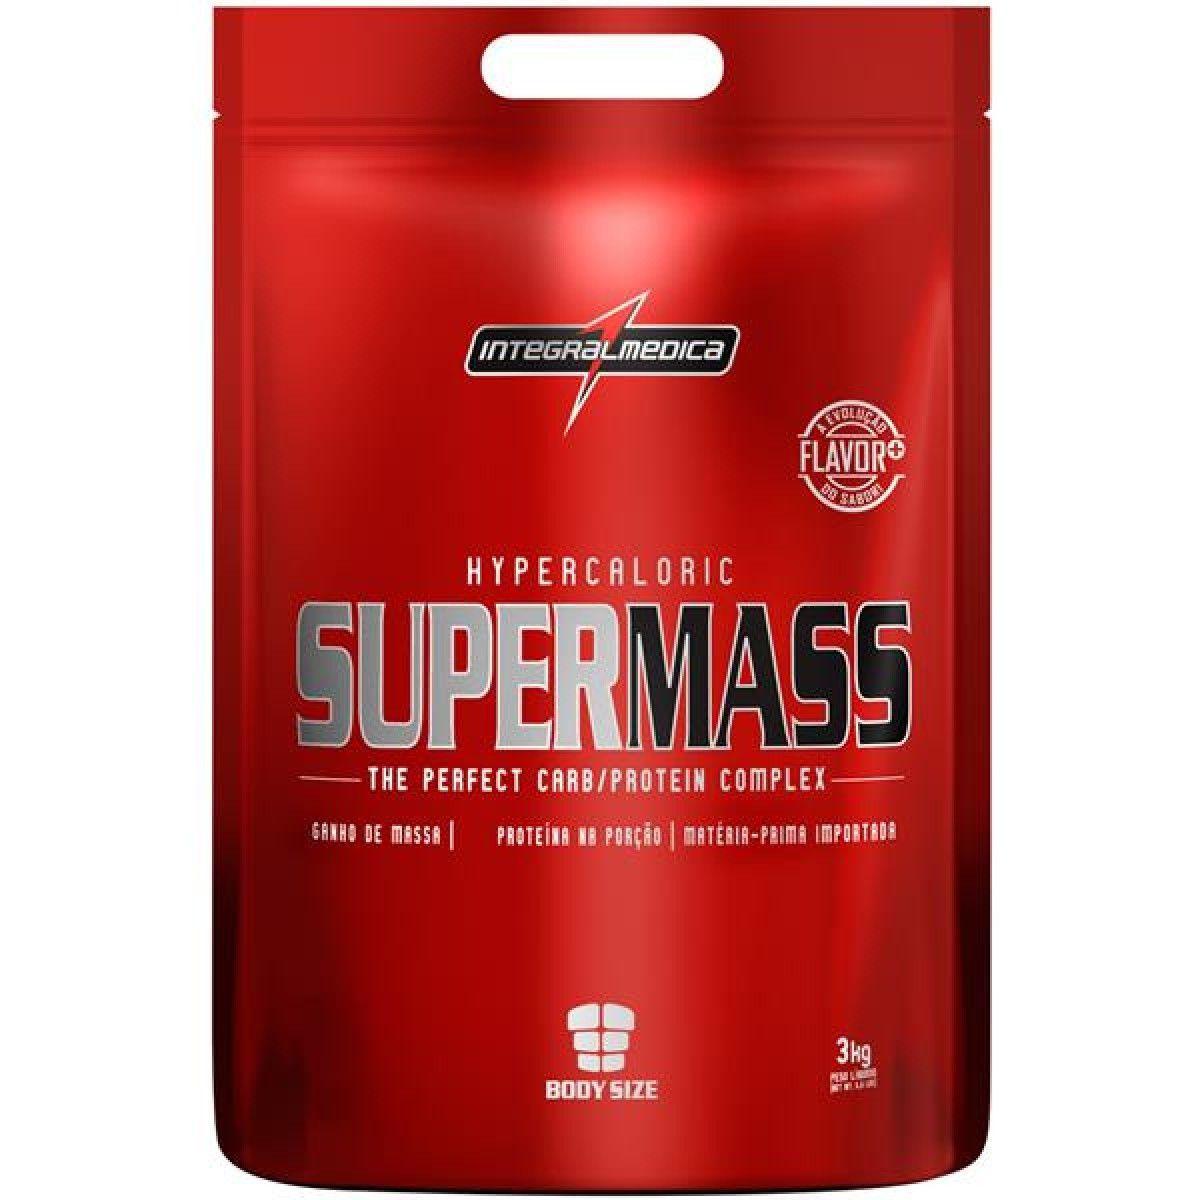 Supermass (3kg) - IntegralMédica